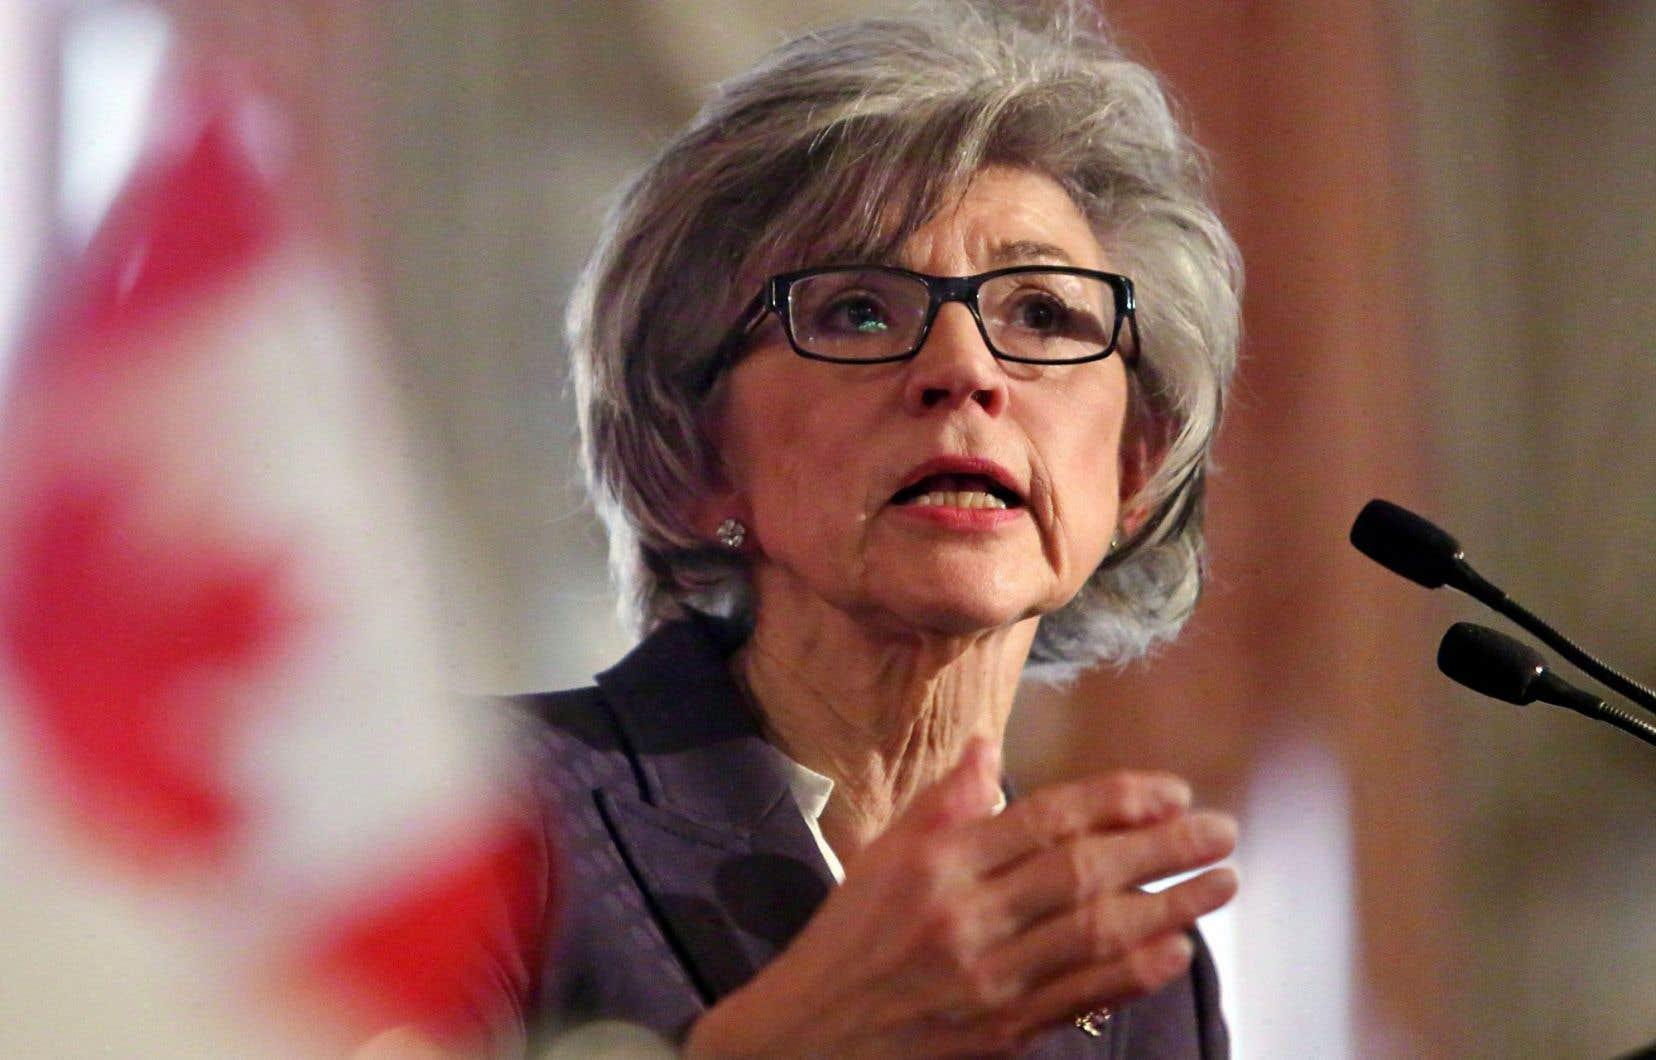 La juge en chef de la Cour suprême du Canada, Beverley McLachlin, a soutenu jeudi que les politiques assimilationnistes du Canada envers les autochtones au début de la Confédération s'appelleraient, <em>«dans le langage du XXIe siècle, un génocide culturel».</em>